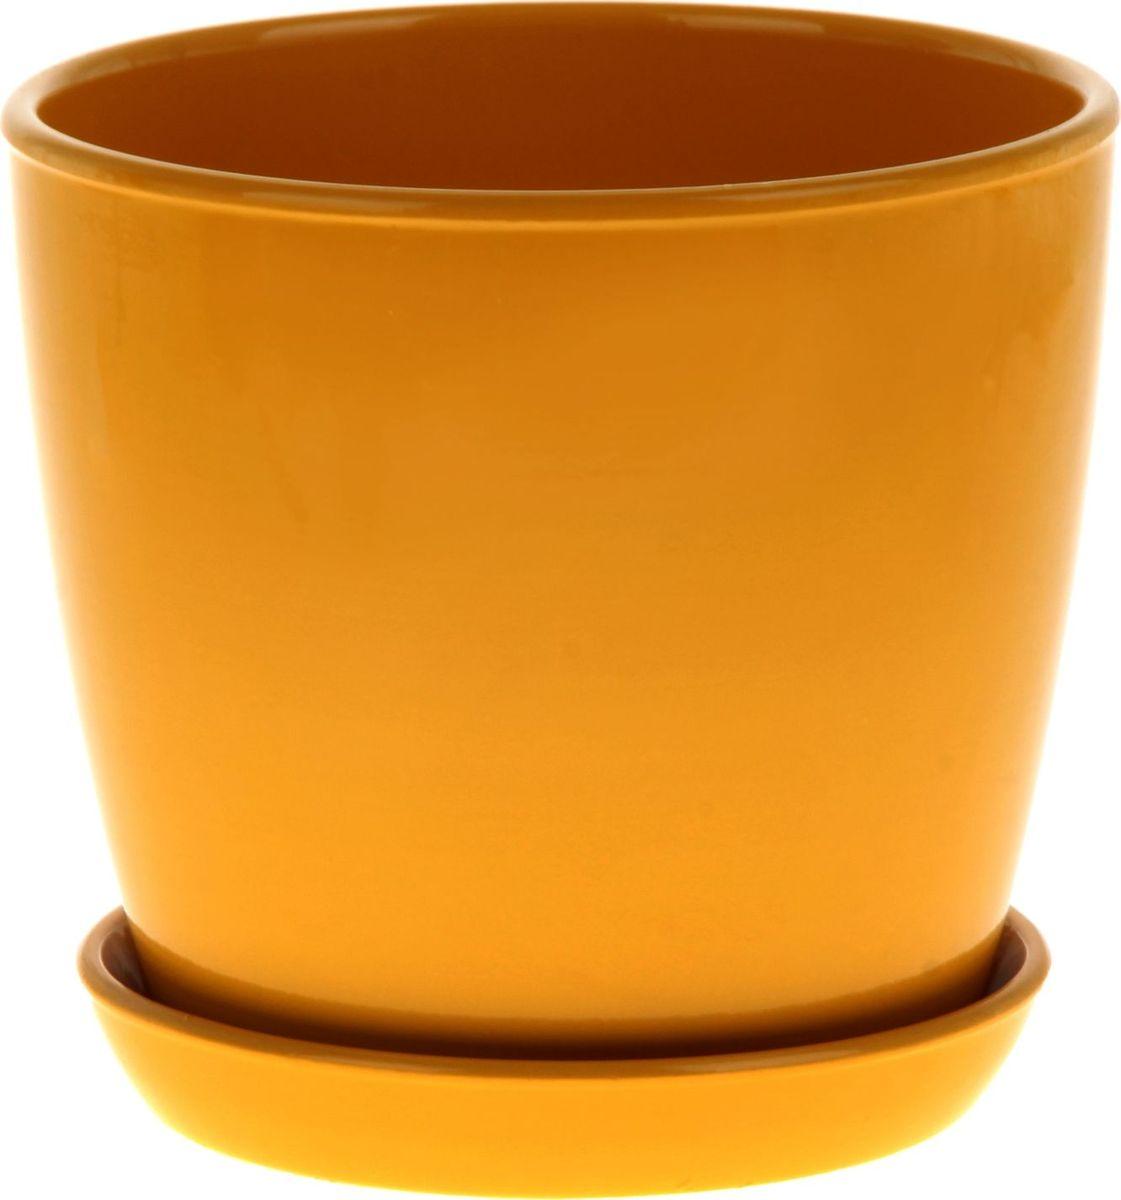 Кашпо Керамика ручной работы Виктория, цвет: желтый, 4 л825131Кашпо серии «Каменный цветок» выполнено из белой глины методом формовки и покрыто лаком. Керамическая ёмкость имеет объём, оптимальный для создания наилучших условий развития большинства растений.Устойчивый глубокий поддон защитит поверхность стола или подставки от жидкости.Благодаря строгим стандартам производства изделия отличаются правильной формой, отсутствием дефектов, имеют достаточную тяжесть для надёжной фиксации конструкции.Окраска моделей не восприимчива к прямым солнечным лучам, а в цветовой гамме преобладают яркие и насыщенные оттенки.Красота, удобство и долговечность кашпо серии «Каменный цветок» порадует любителей высококачественных аксессуаров для комнатных растений.